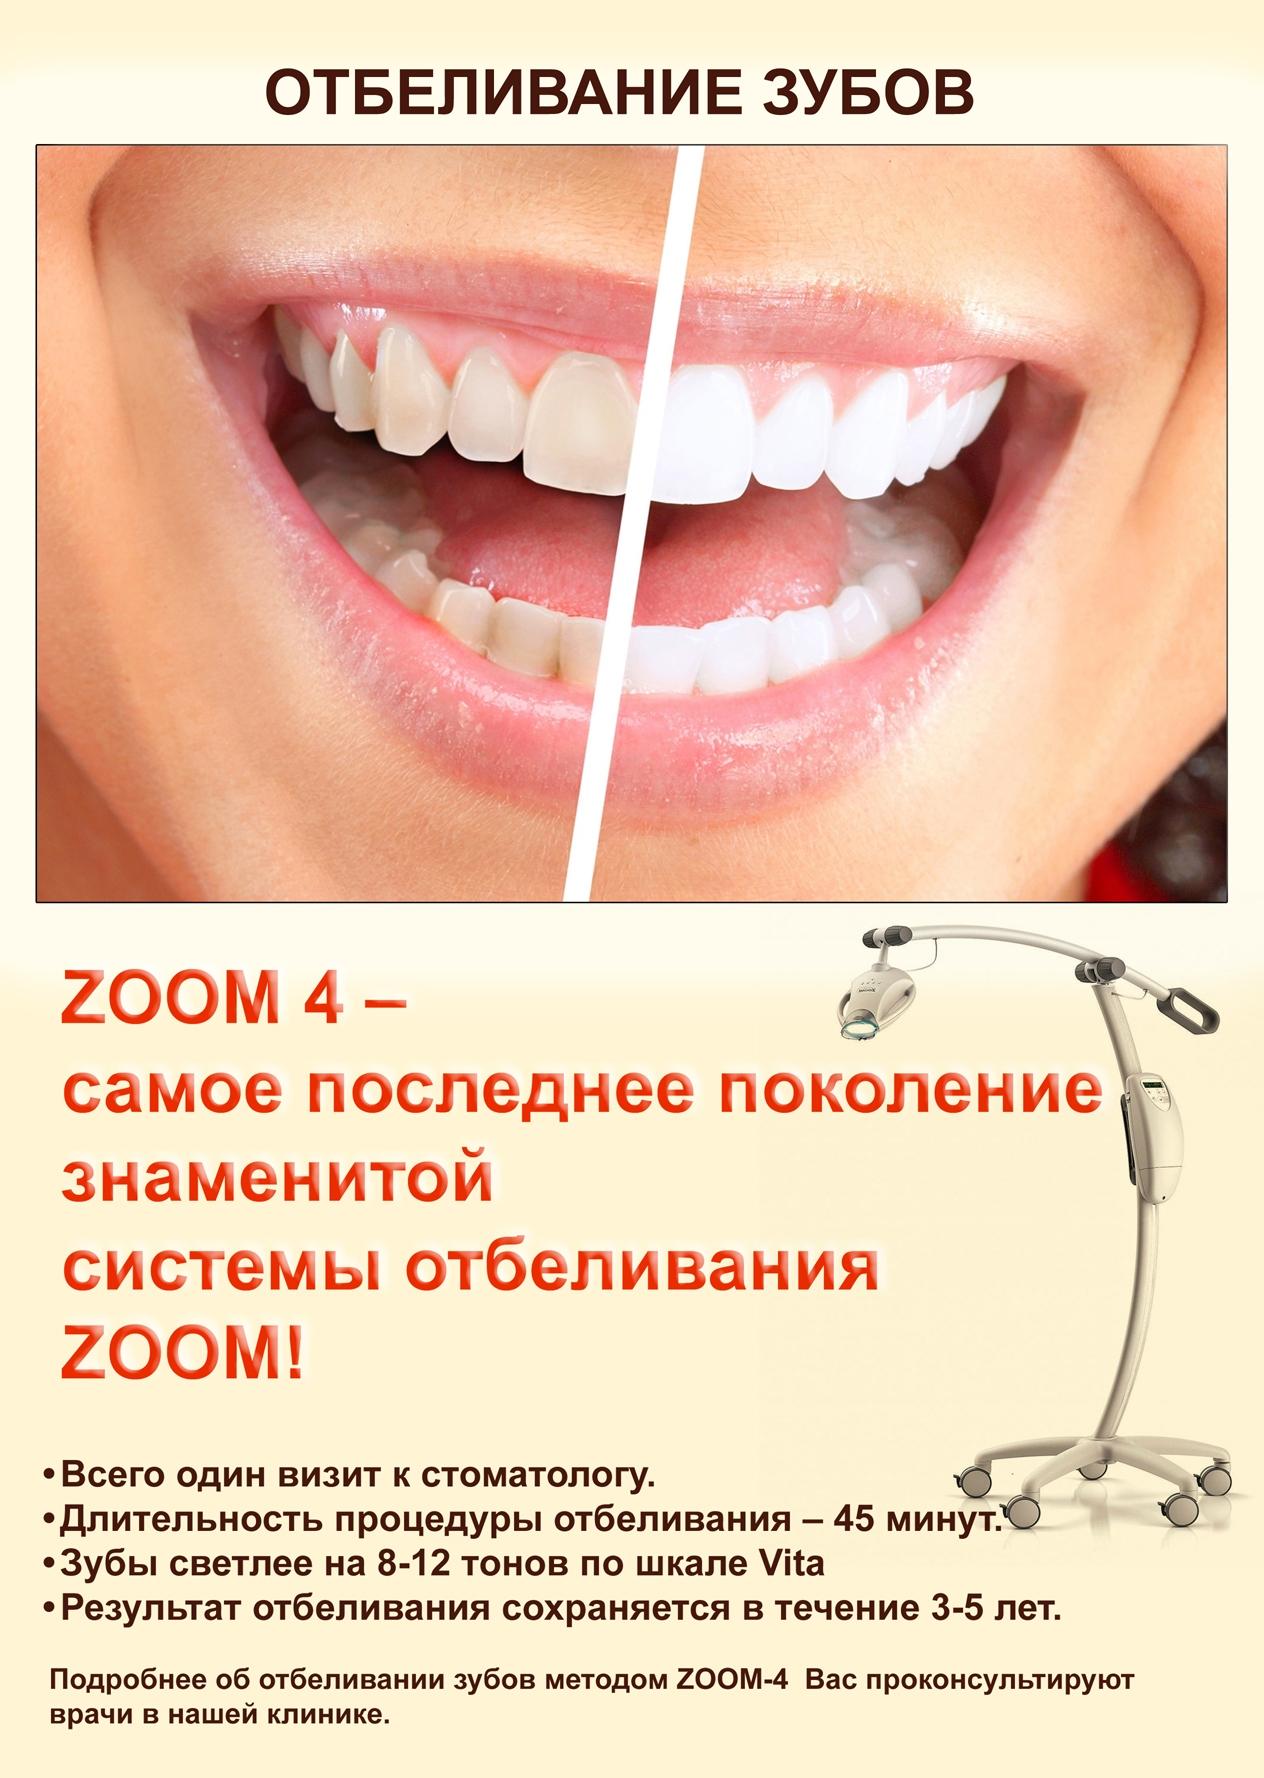 Отбеливание зубов Zoom 4: что это за метод и зачем его